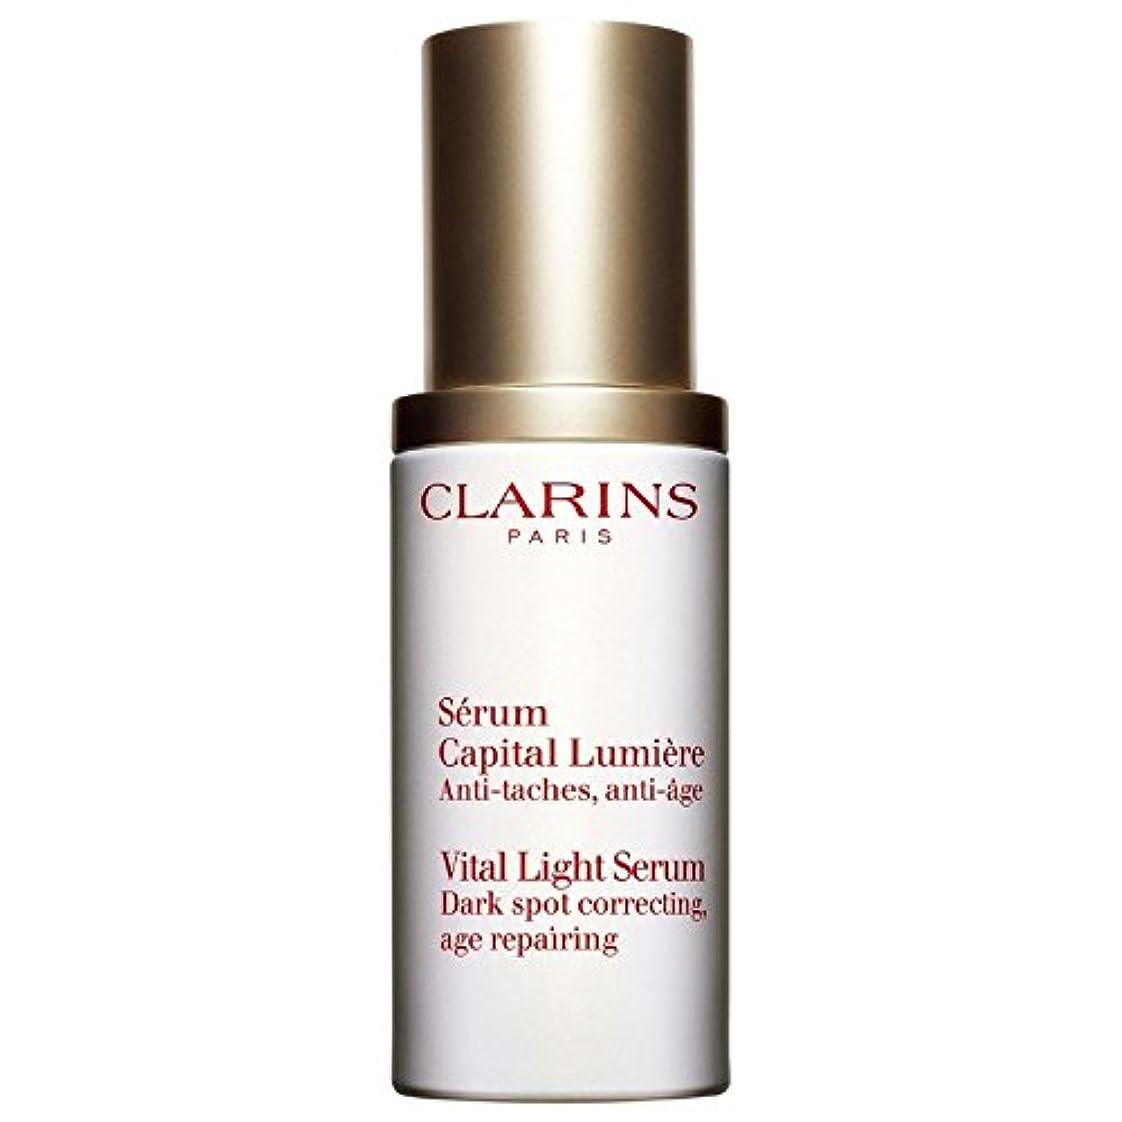 不忠期限切れ変化[JL] クラランス不可欠な光セラム30Ml - Clarins Vital Light Serum 30ml [並行輸入品]